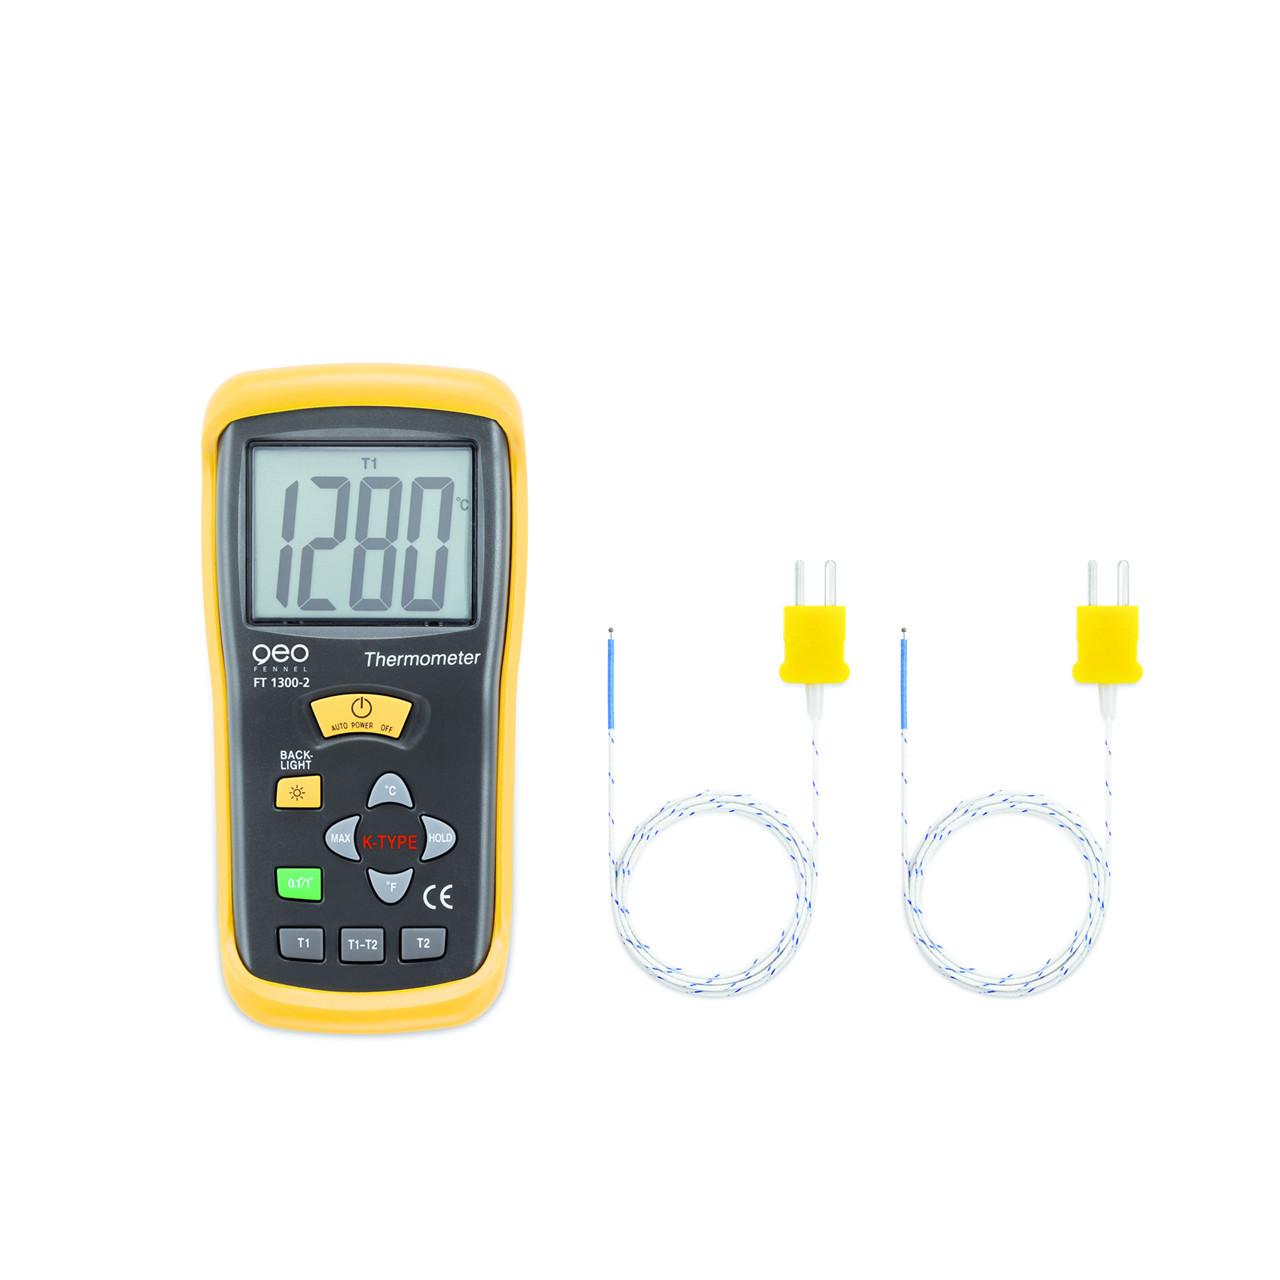 geoFENNEL Termoelement termometer FT 1300-2 - Værktøj -> Laser og måleinstrumenter -> Måleinstrumenter -> Termometer|Værktøj -> Laser og måleinstrumenter -> Måleinstrumenter|Værktøj -> Laser og måleinstrumenter|Mærker -> geo-FENNEL -> geo-FENNEL Måleinstrumenter|Mærker -> g